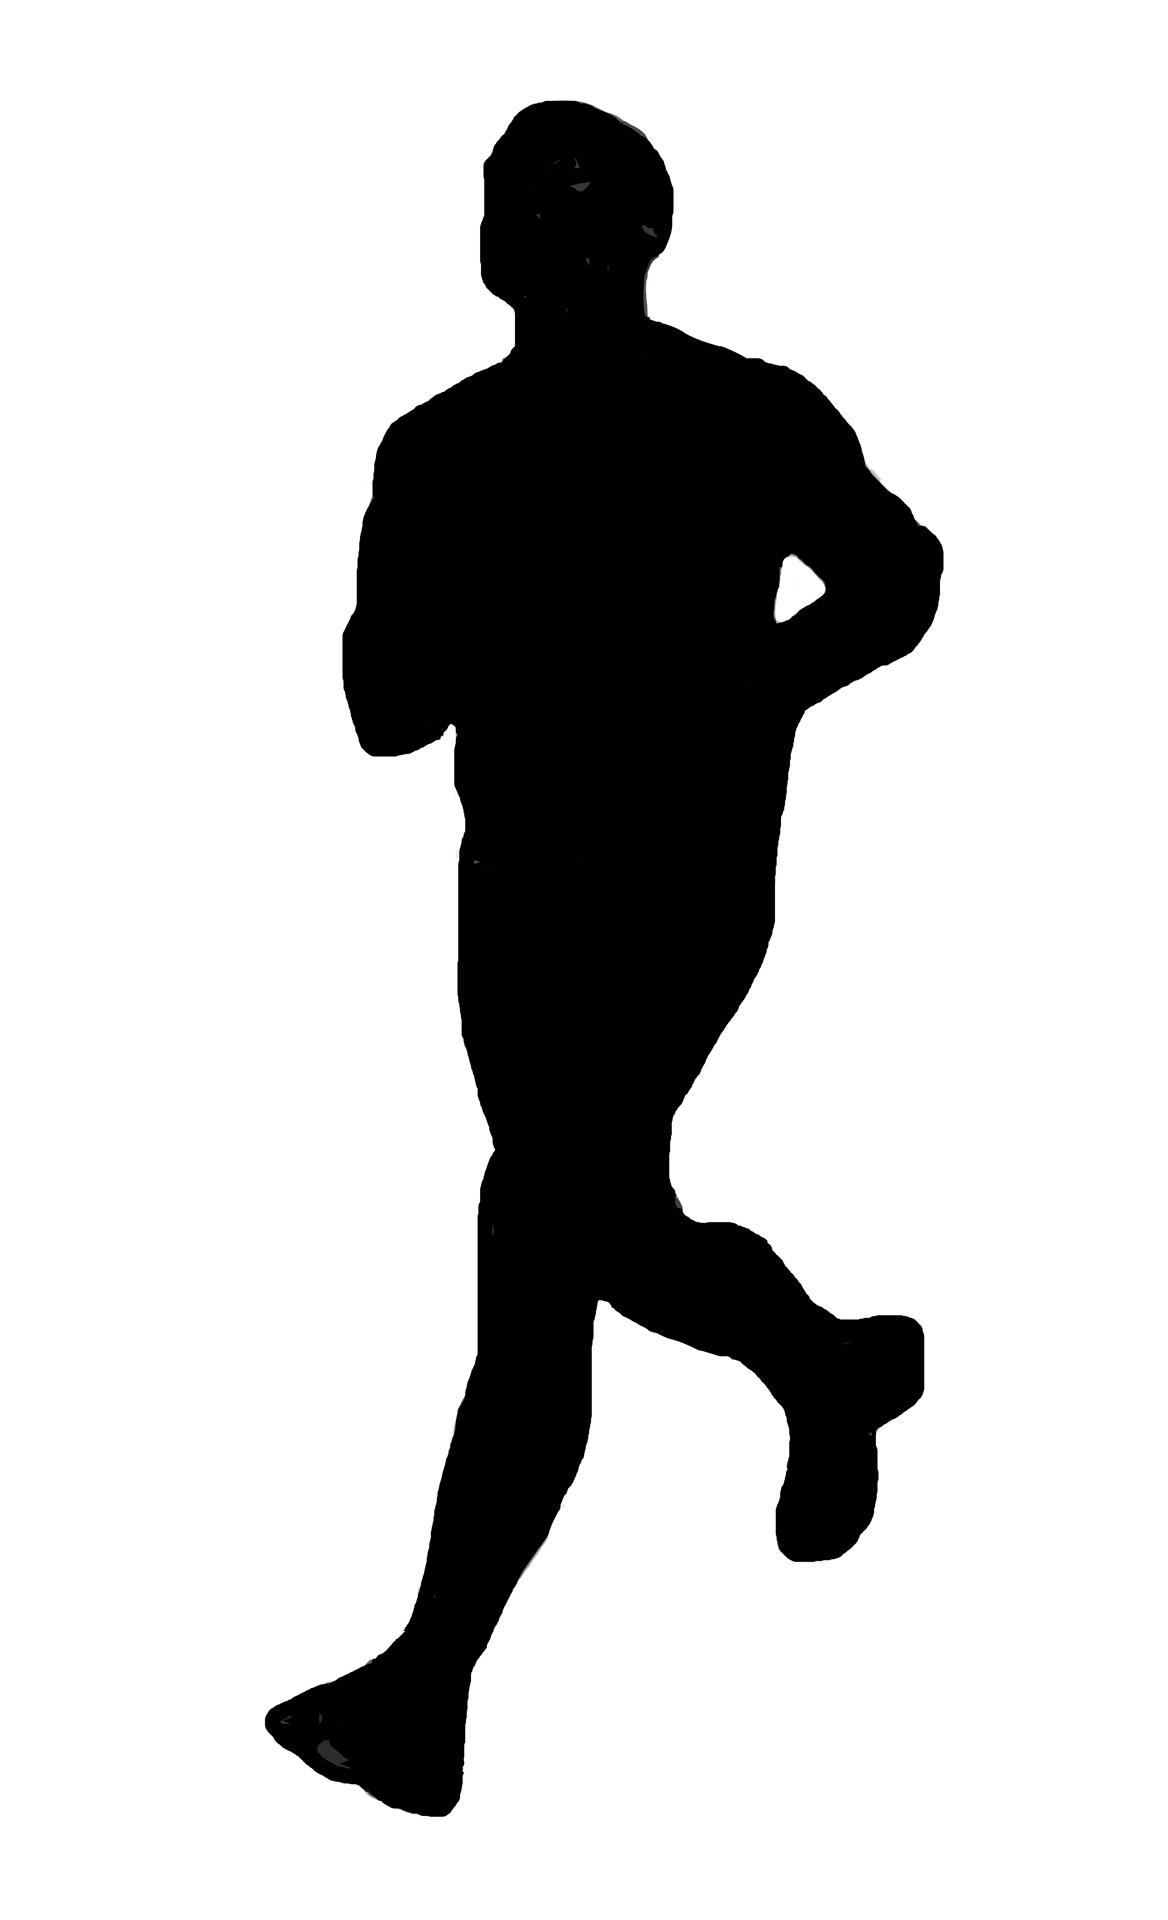 1168x1920 Running Man 2 Free Stock Photo